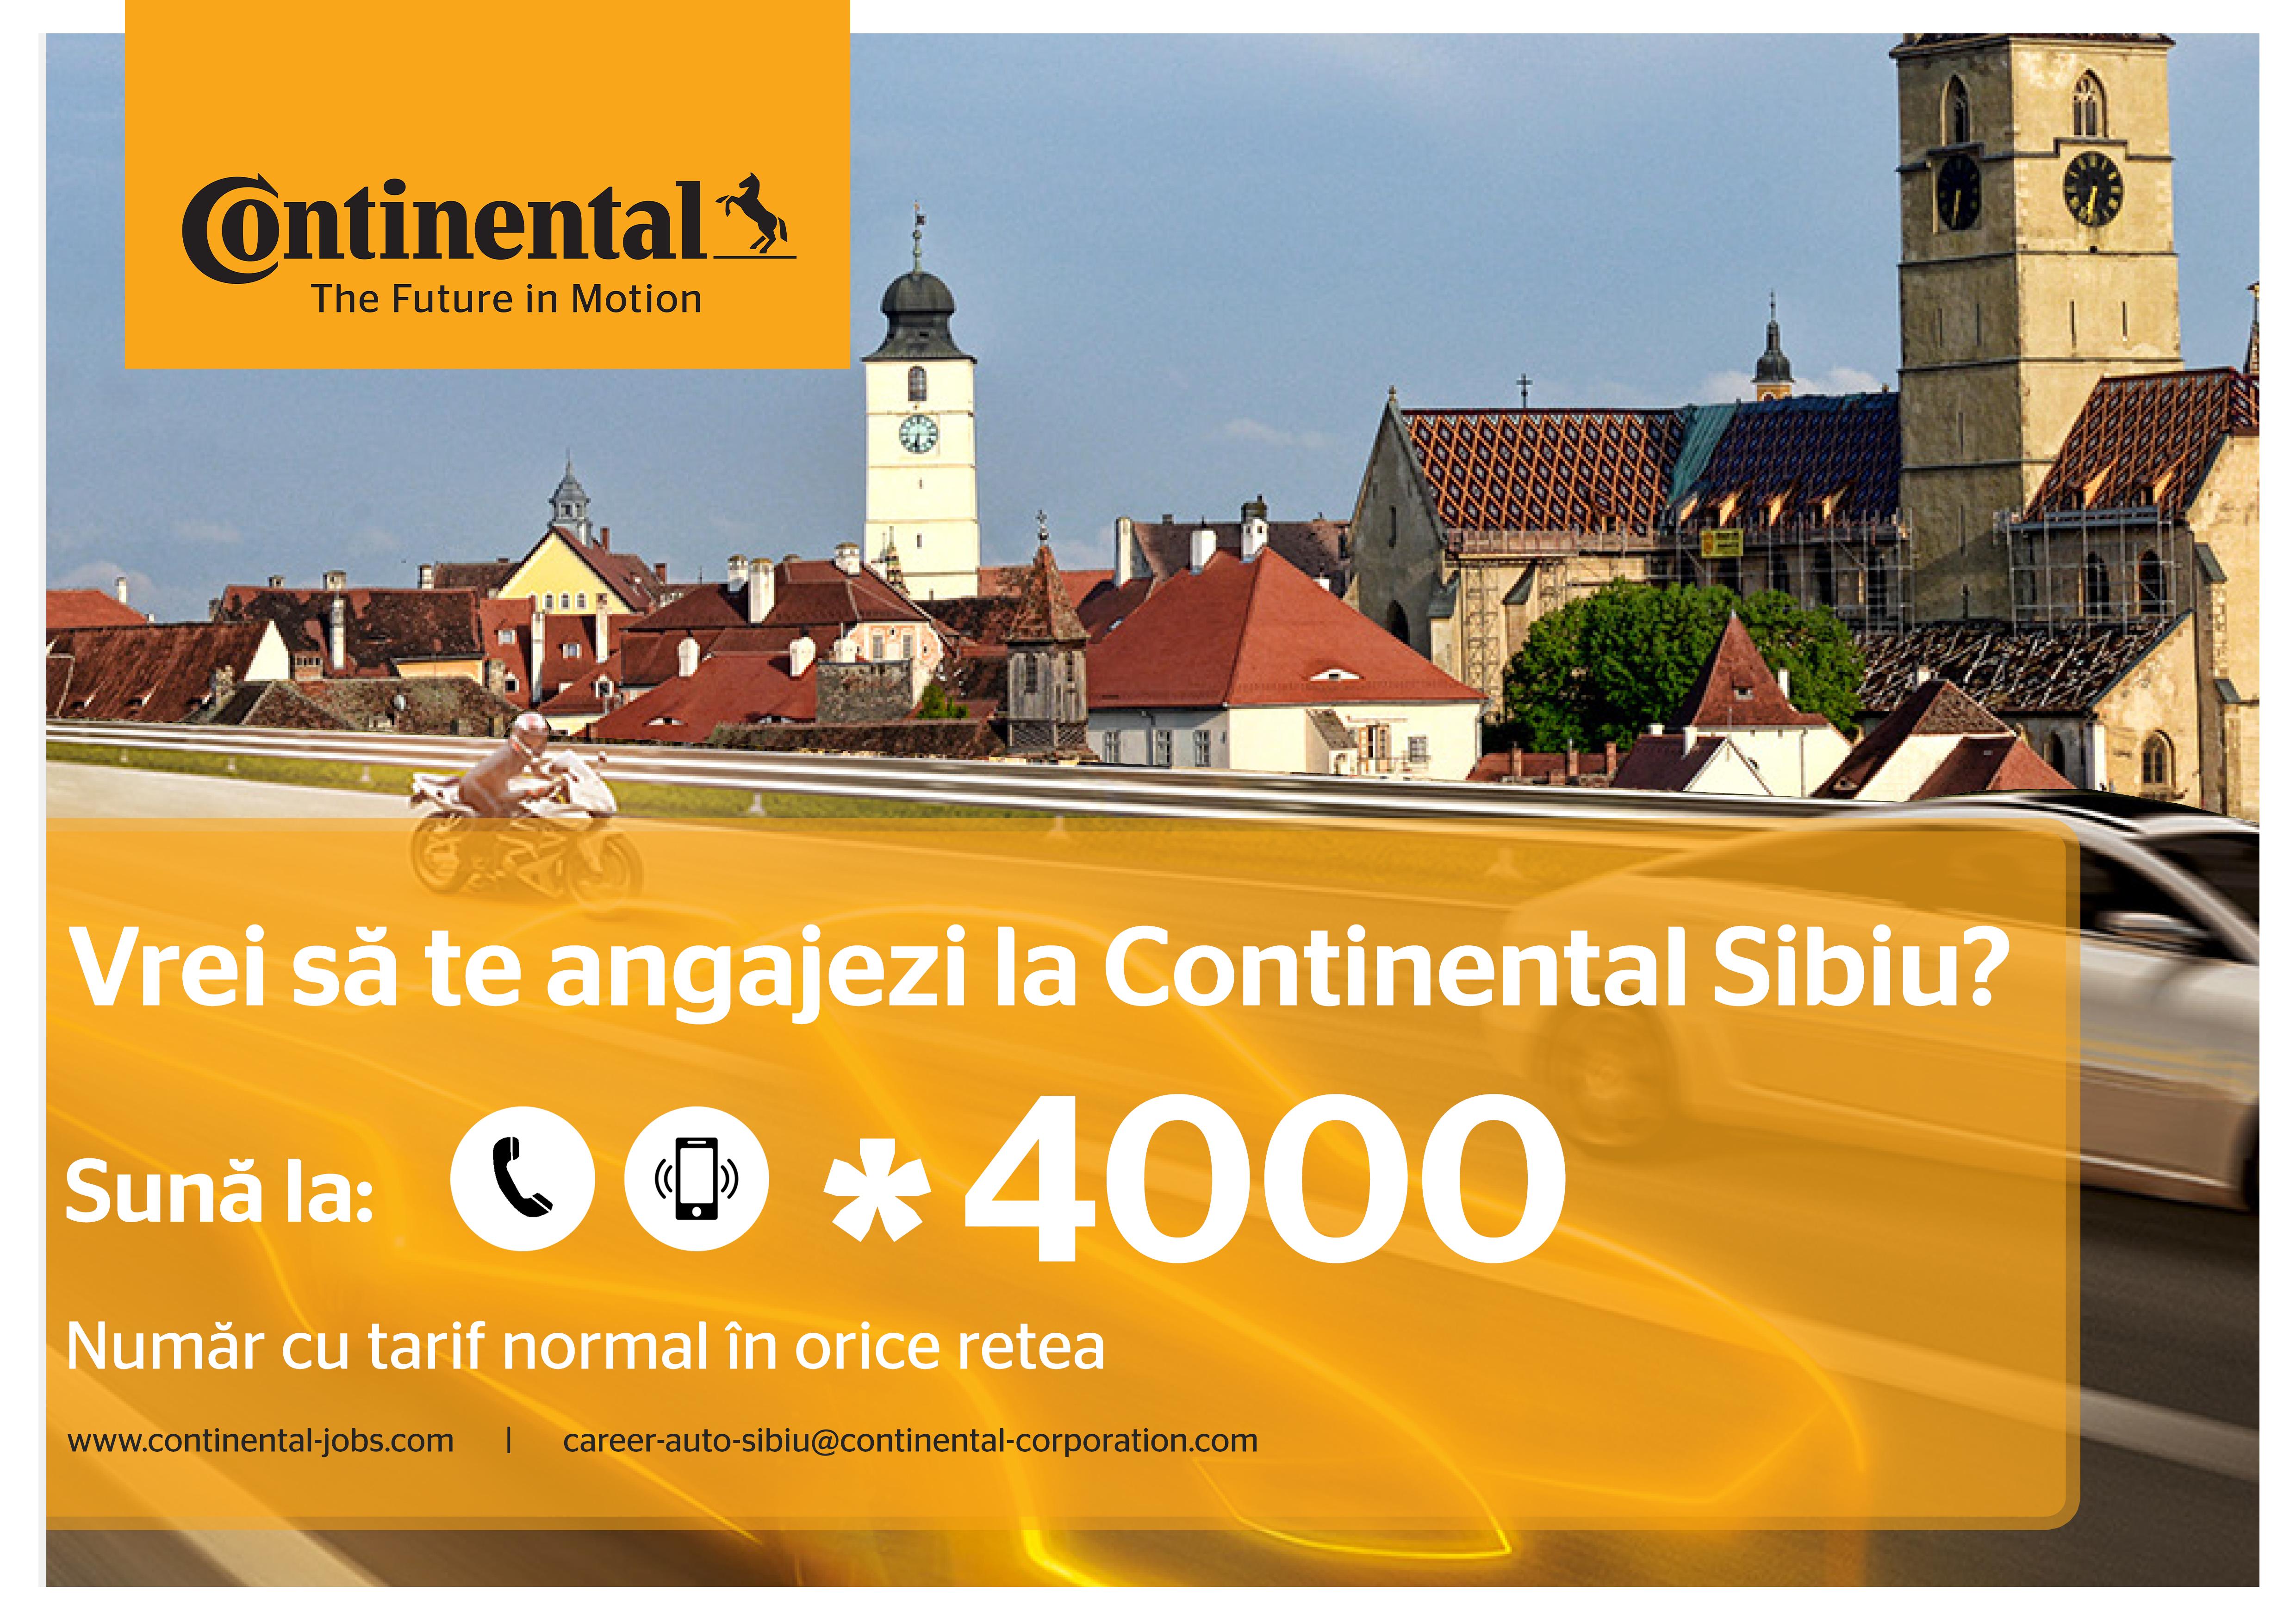 Dacă Vrei Să Te Angajezi La Continental – Sună La *4000 –  Linia Dedicată Viitorului Tău!